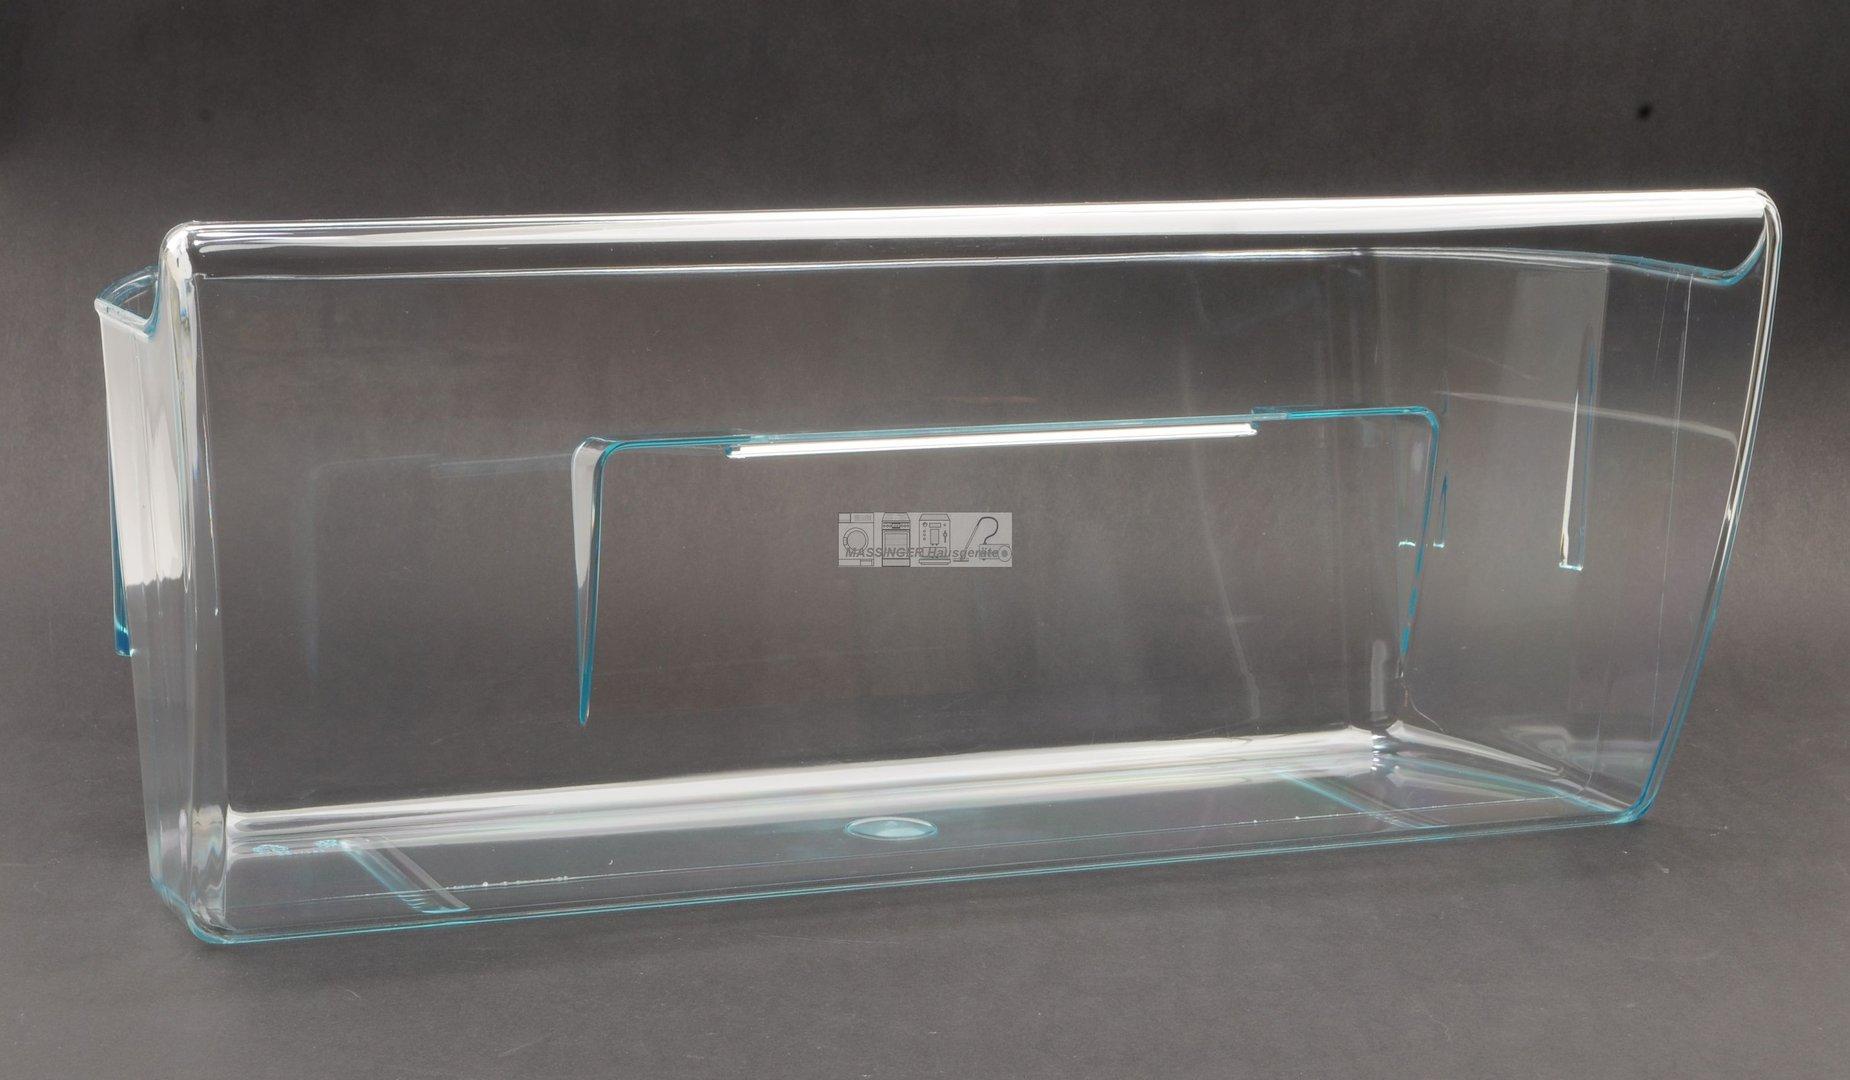 Siemens Kühlschrank Wasser Unter Gemüsefach : Aeg privileg u.a. gemüseschale für kühlschrank 2247083153